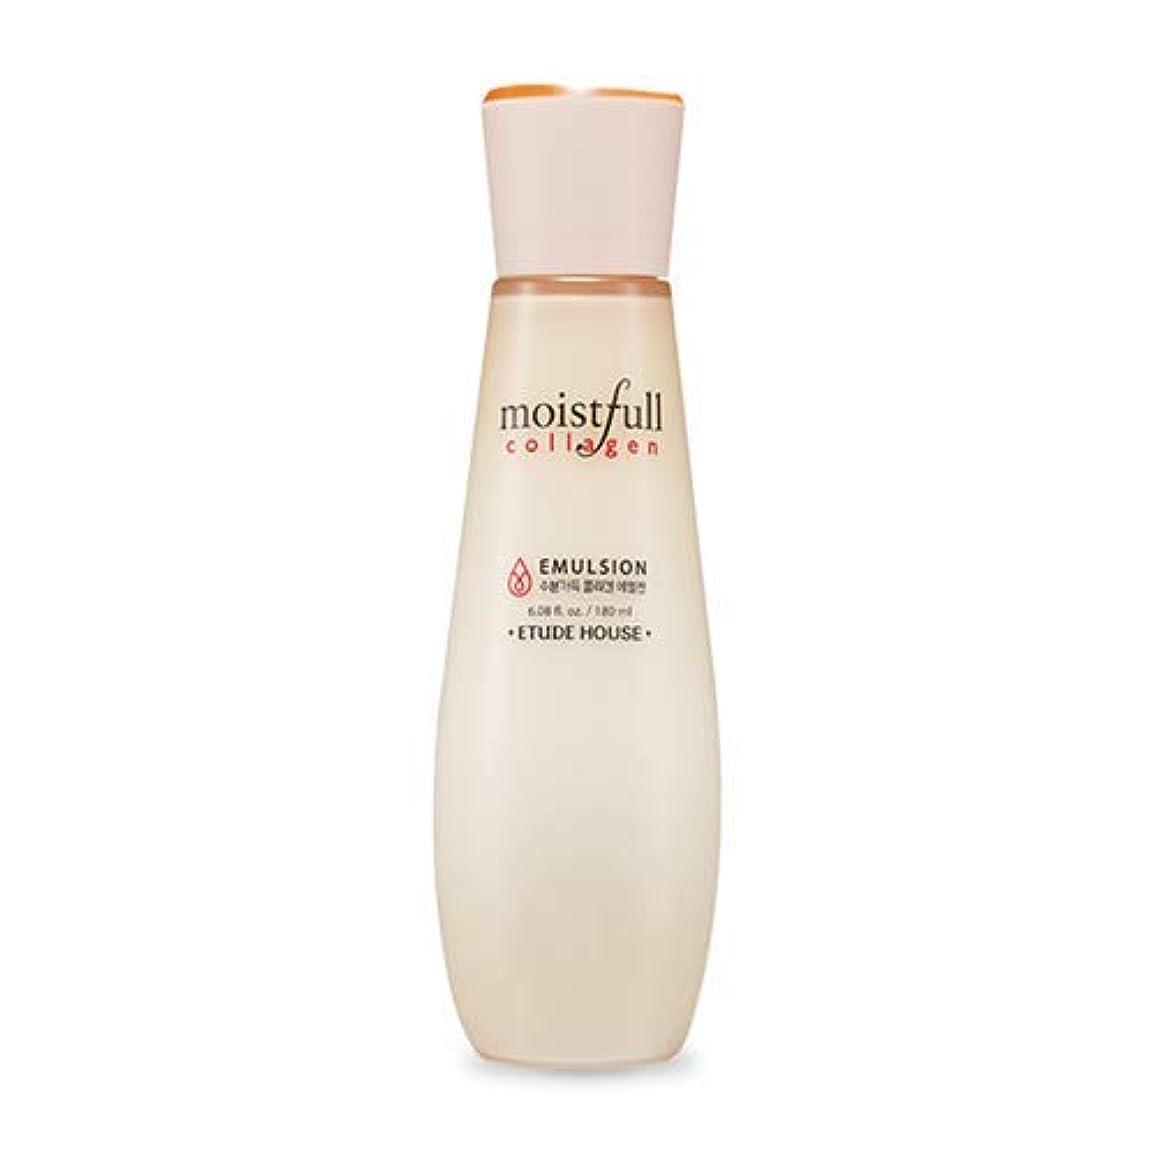 背の高い正当化する区別する[エチュードハウス] ETUDE HOUSE [モイストフルコラーゲン基礎化粧品 スキン/ローション ] (ETUDE HOUSE Moistfull Collagen Skin/Lotion) (02 Moistfull Collagen Emulsion ) [並行輸入品]